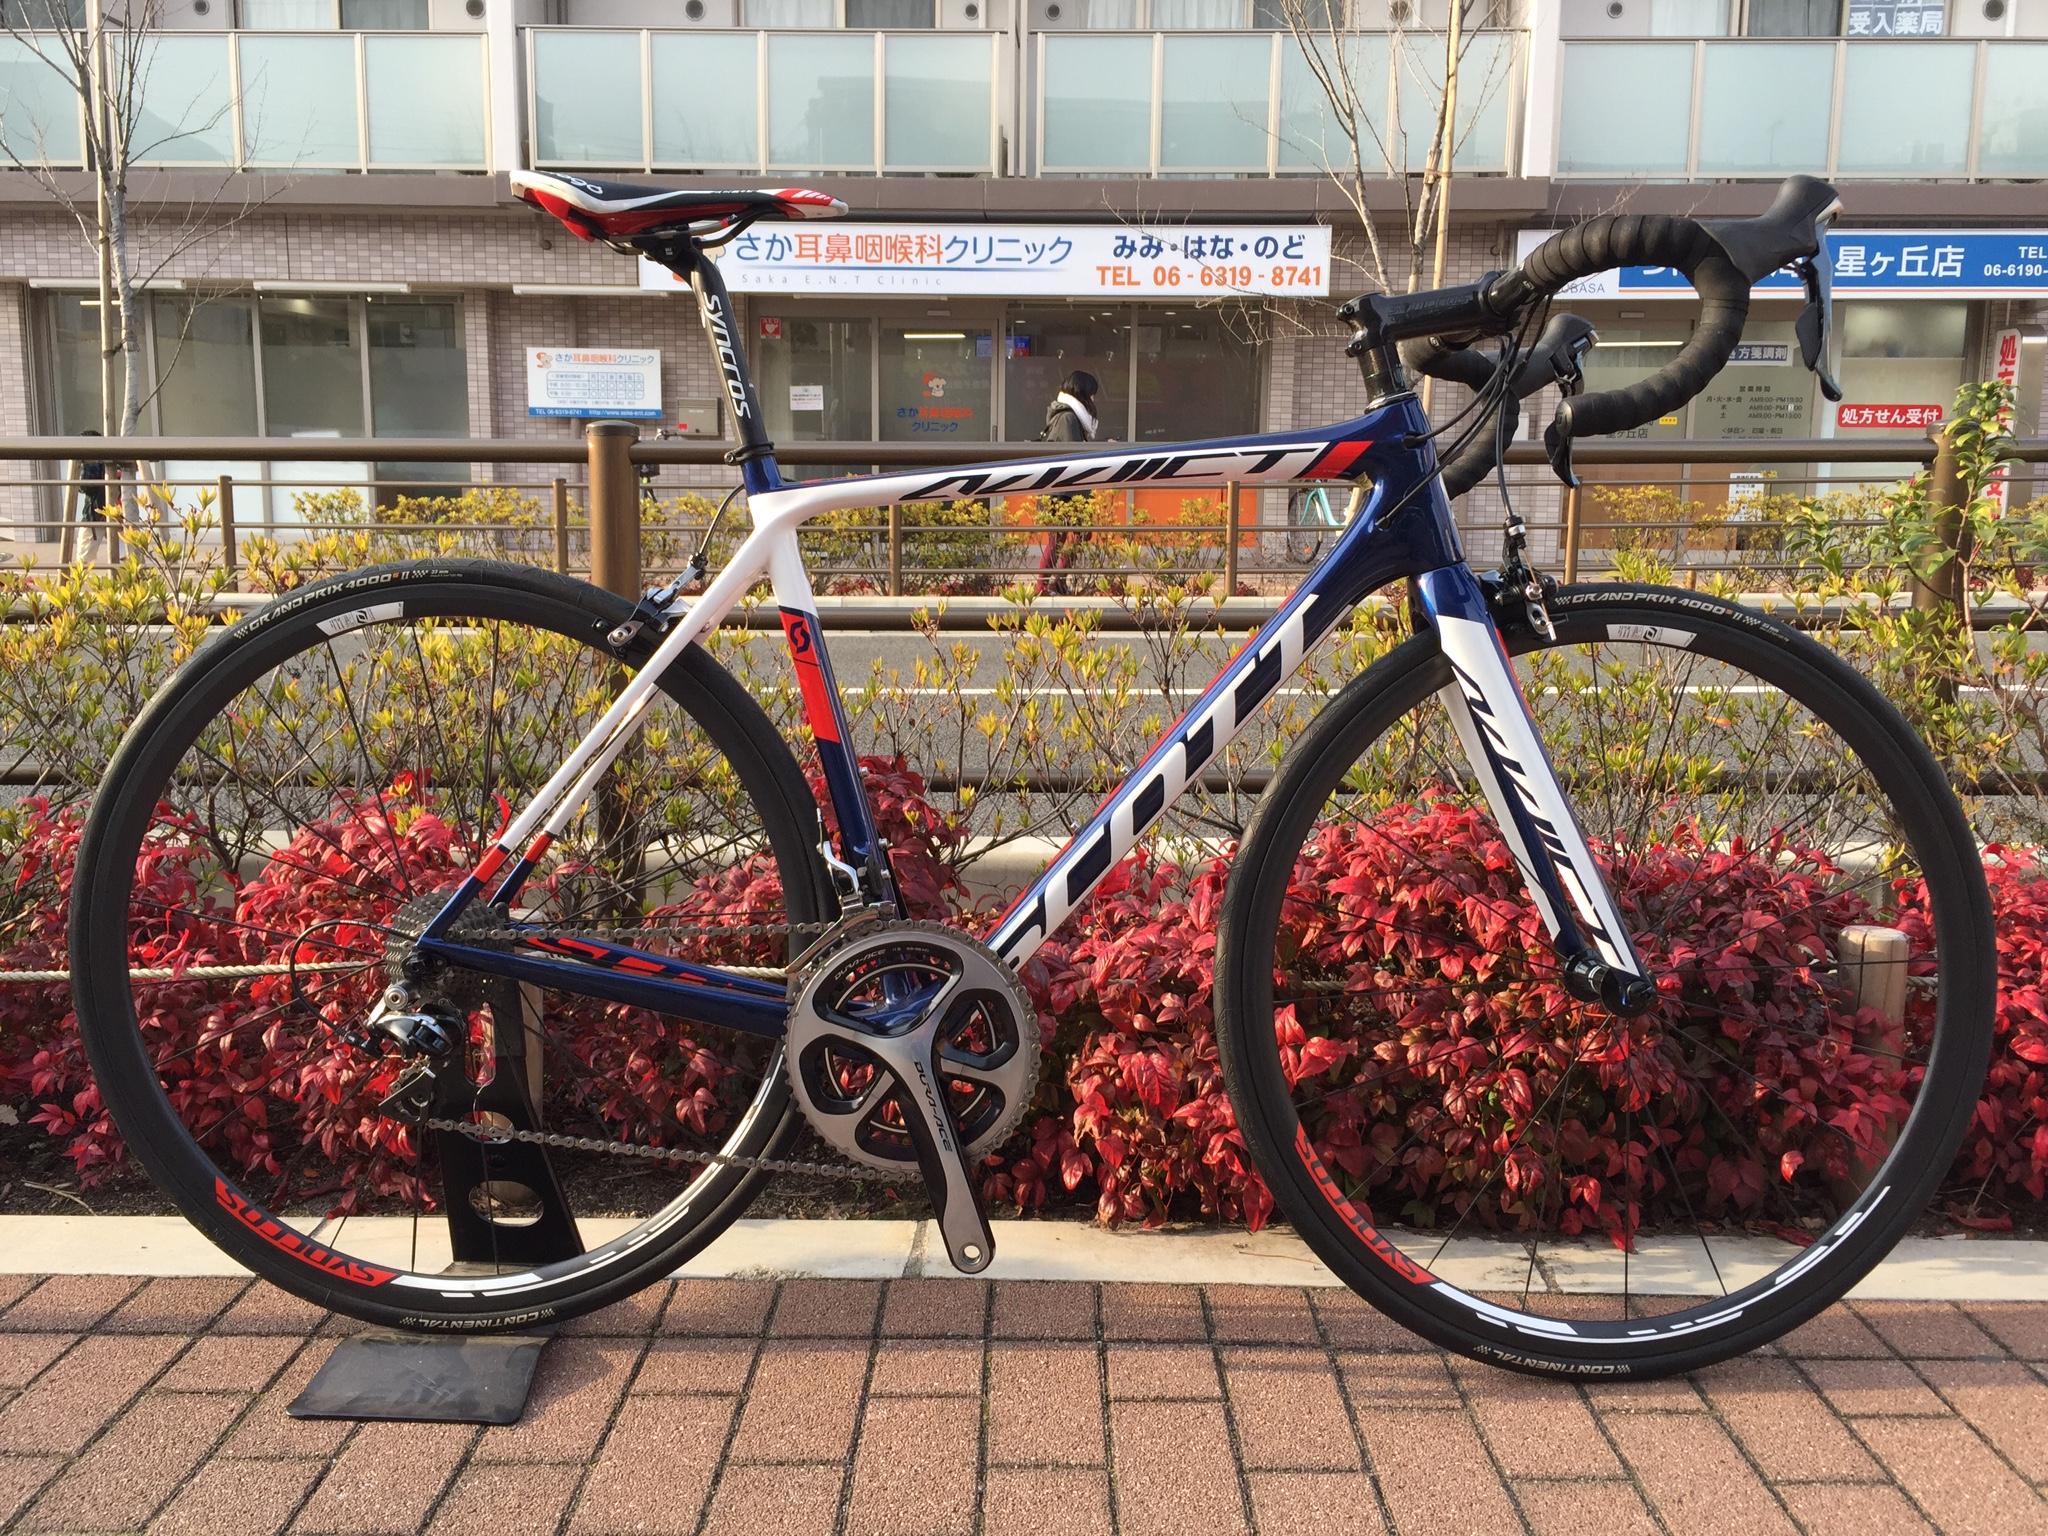 2015 スコット アディクト チームイシュー デュラエース完成車 1台限り大特価!